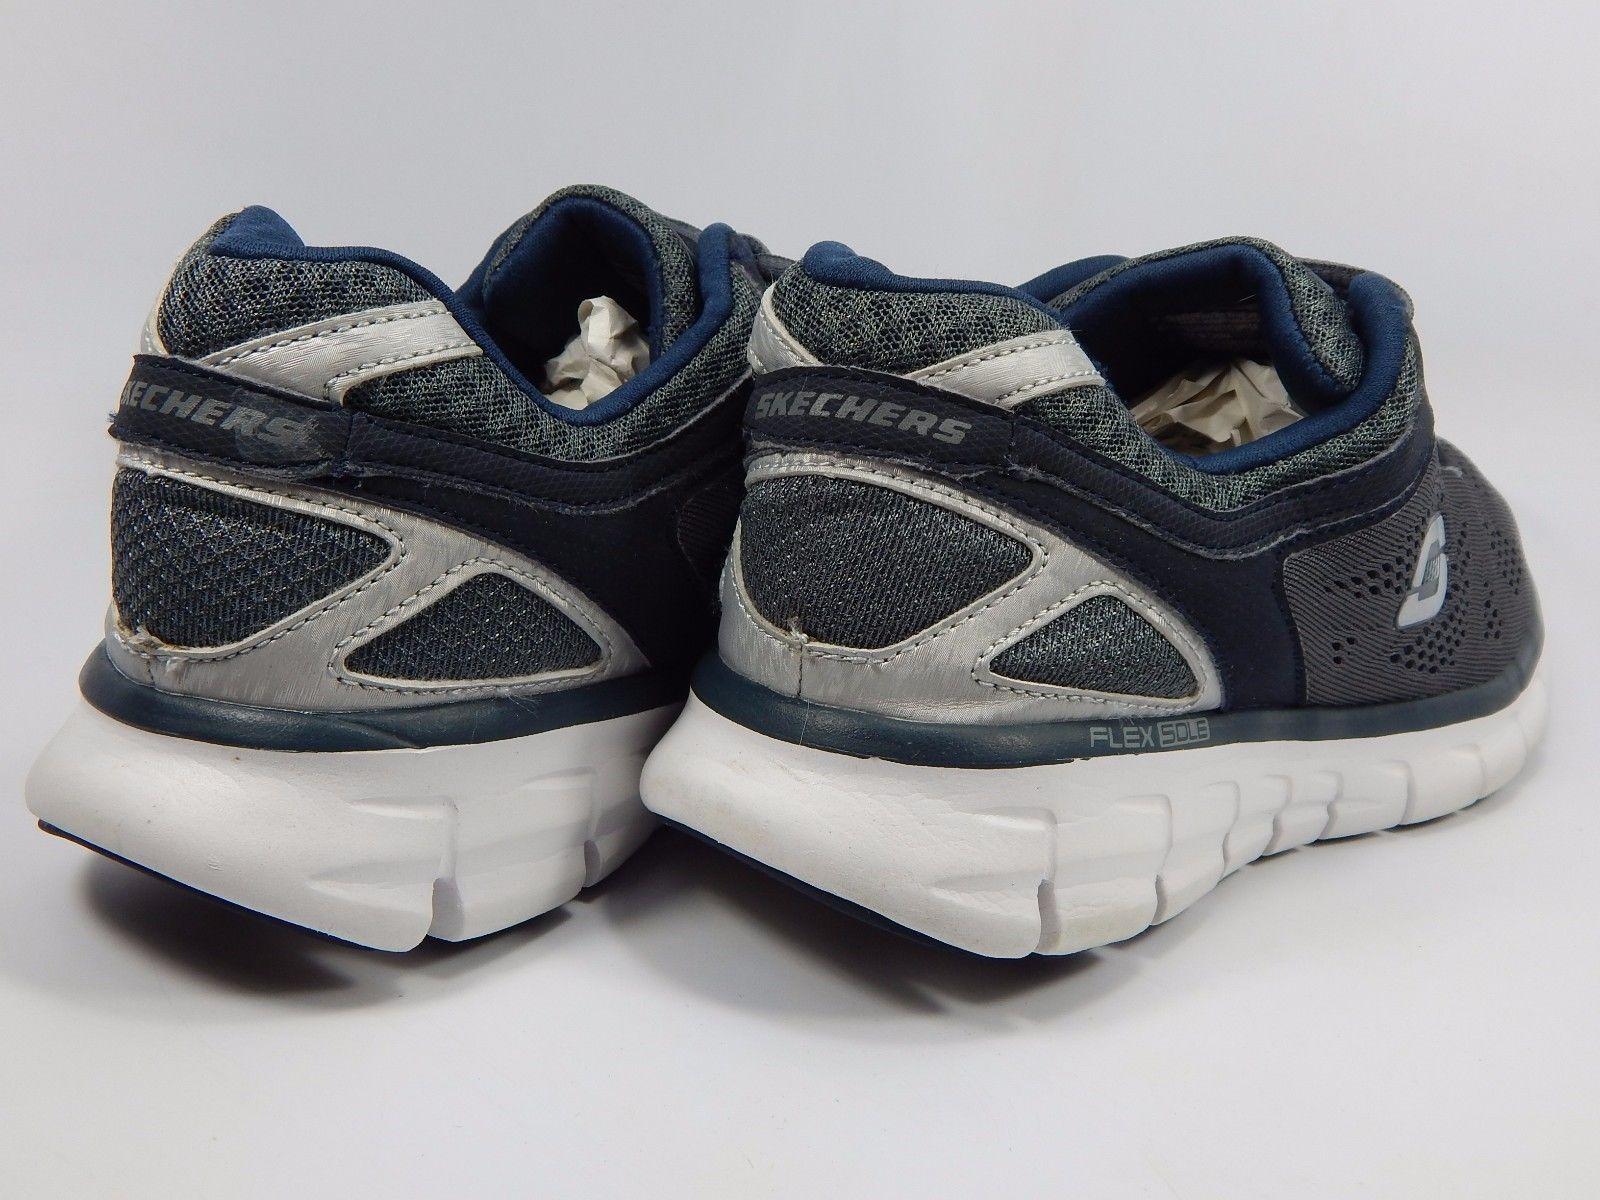 Skechers Skech Flex Men's Running Athletic Shoes Size US 9.5 M (D) EU 42.5 Gray